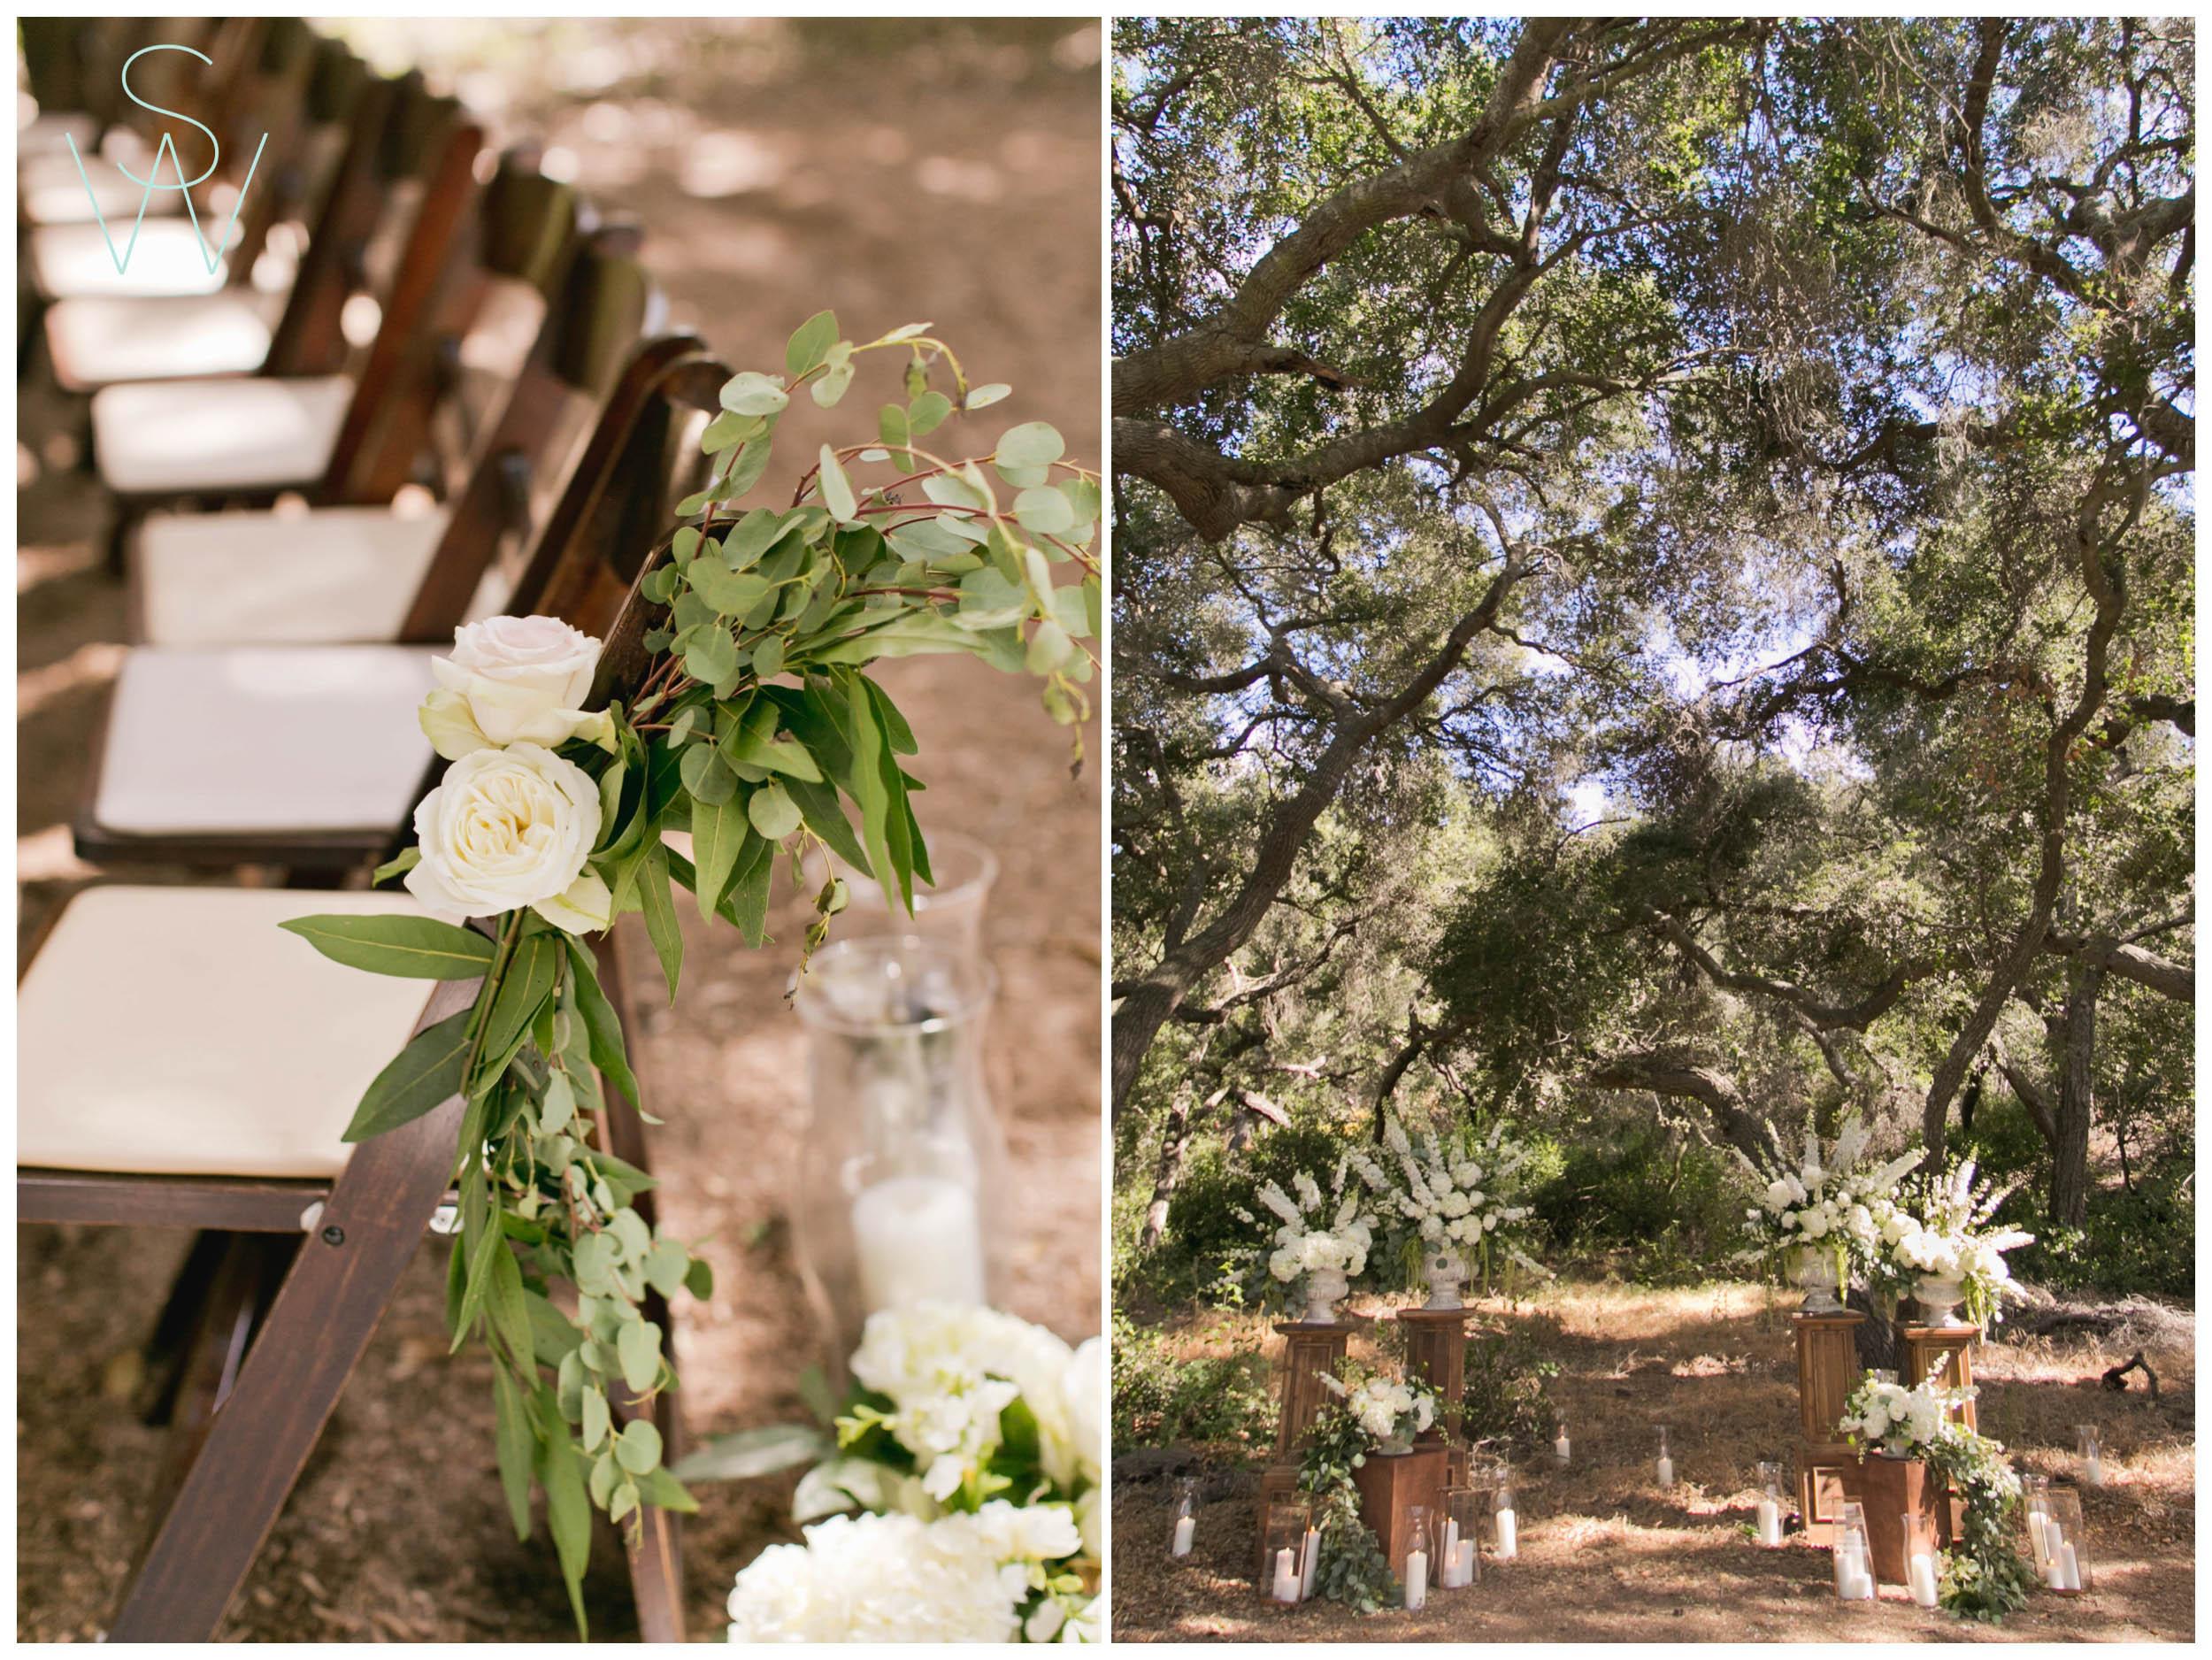 Shewanders.san_.diego_.wedding.photography.private.estate.tara_.jason-3827.jpg.diego_.wedding.photography.private.estate.tara_.jason-382.jpg